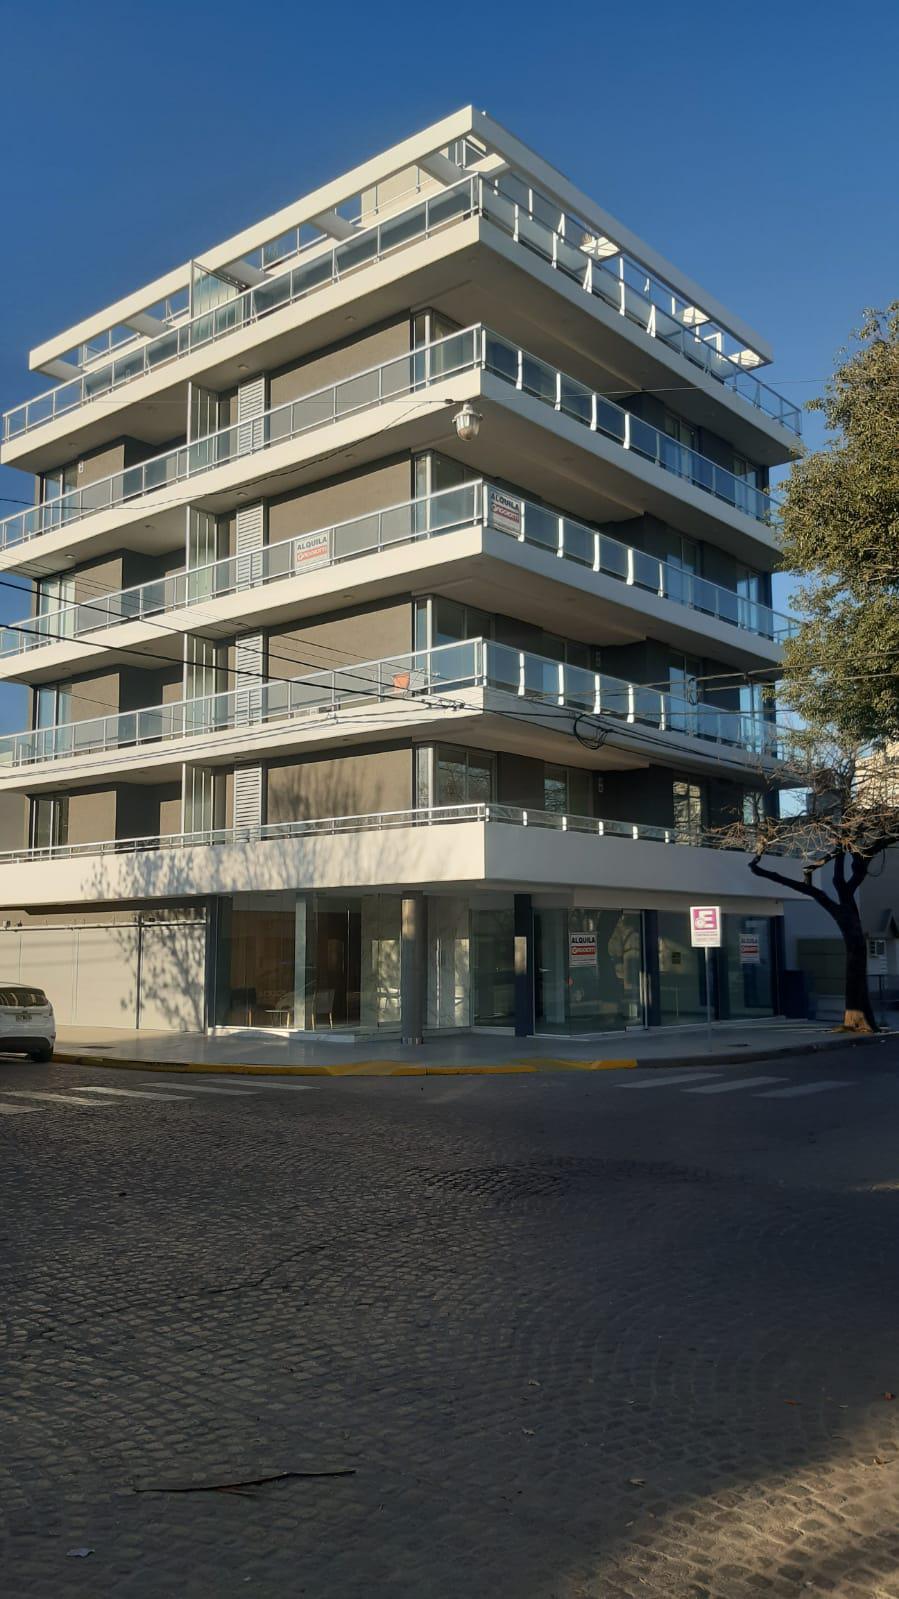 Torre MyA (Maipú y Arenales 5ºA) - Gaggiotti Inmobiliaria cuenta con más de 50 años desde que se inicio en el negocio de los servicios inmobiliarios.